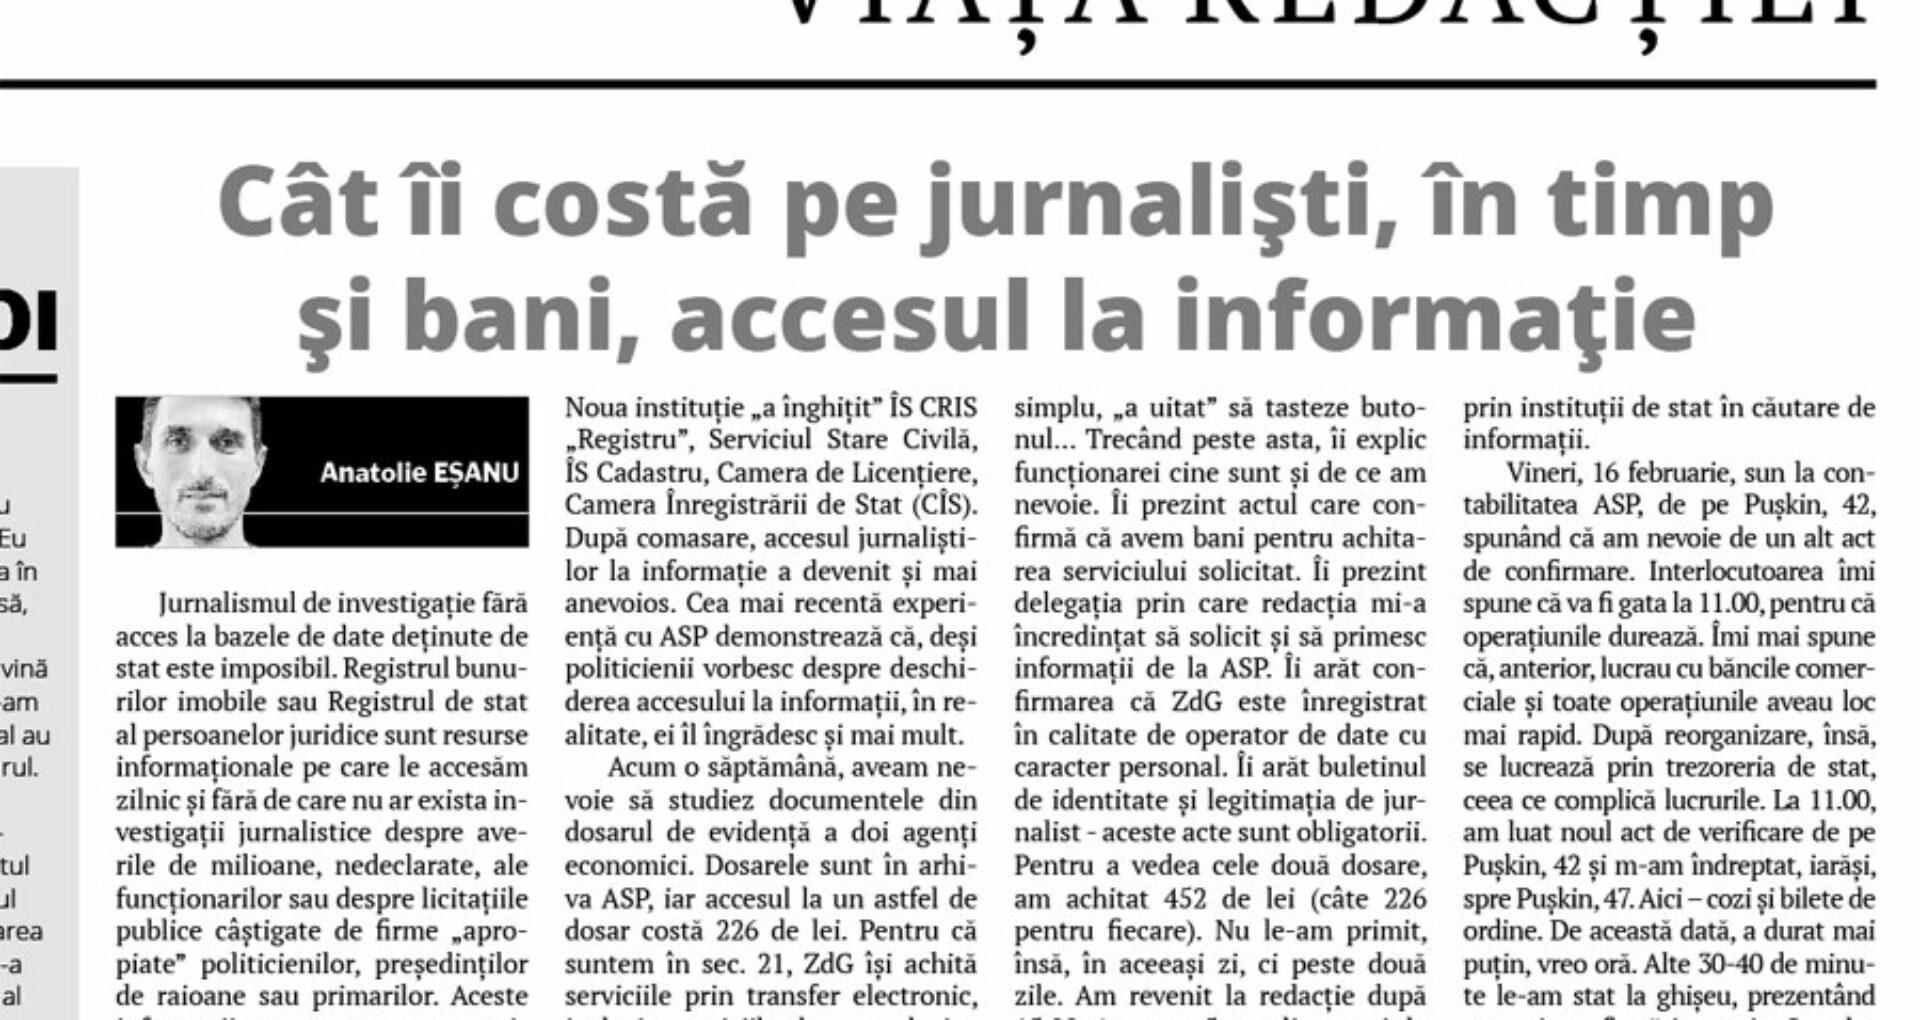 Cât îi costă pe jurnalişti, în timp şi bani, accesul la informaţie